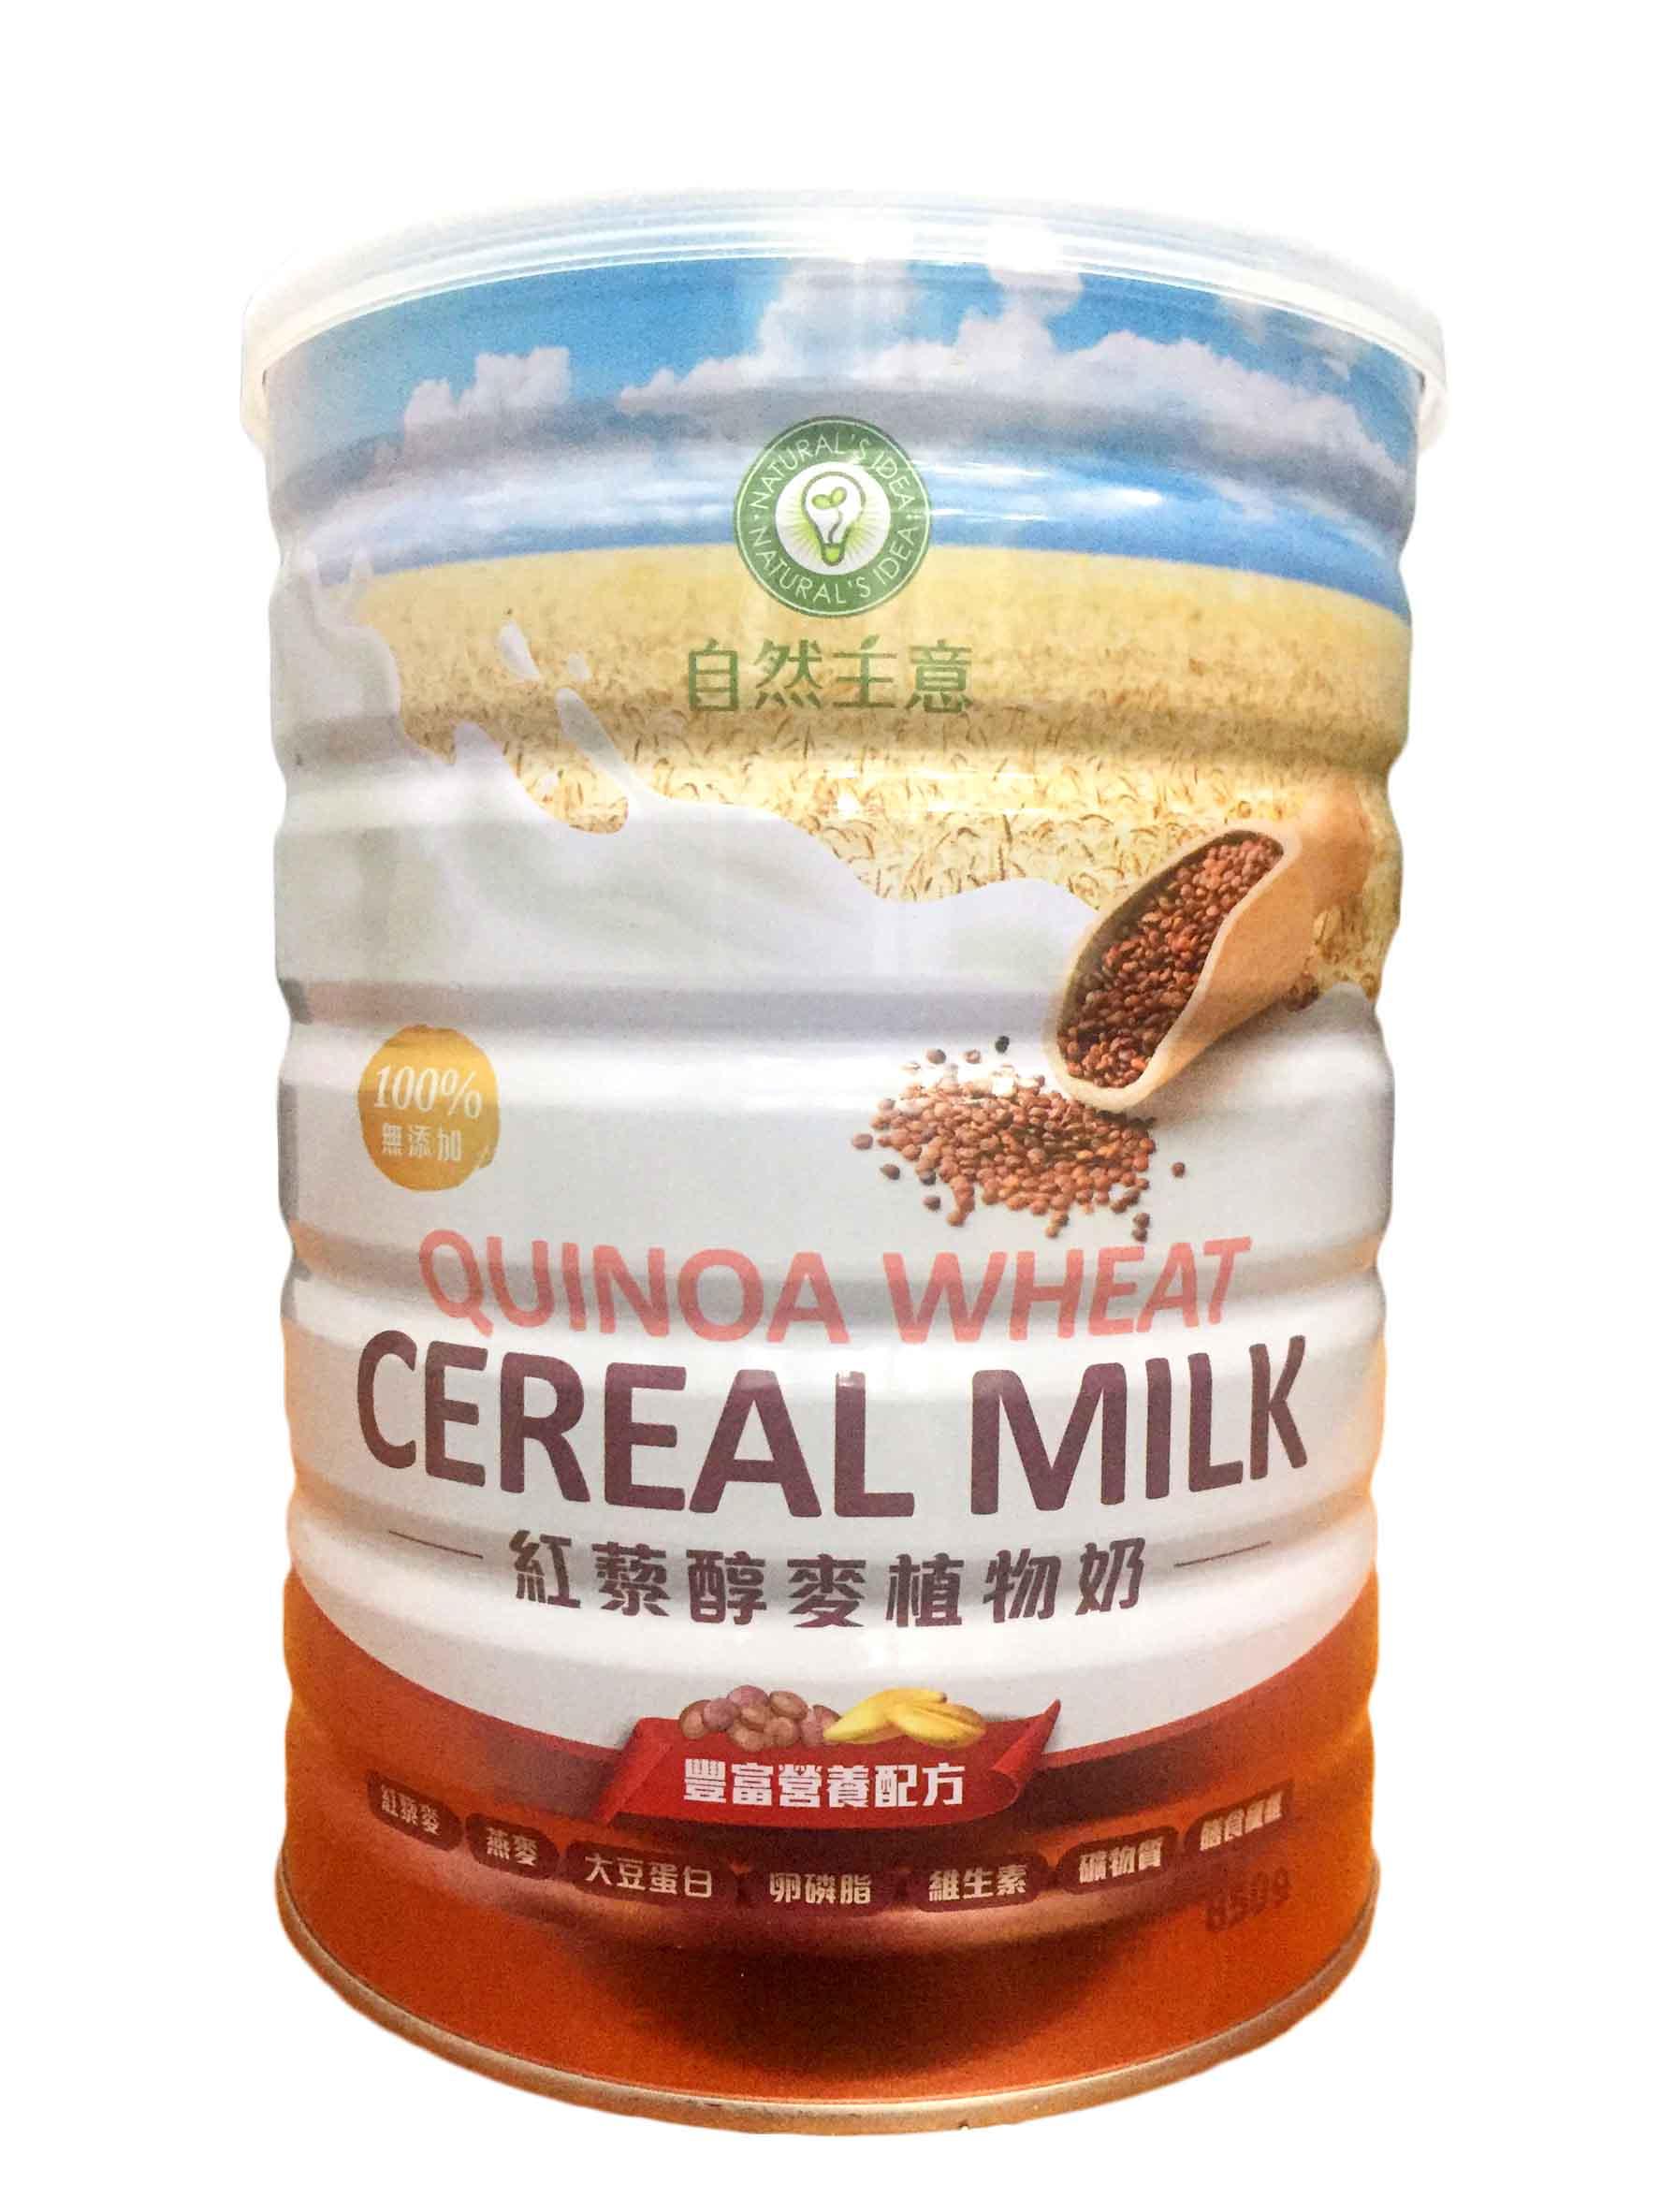 【買一送一】自然主義-紅藜醇麥植物奶850G/罐【美十樂藥妝保健】